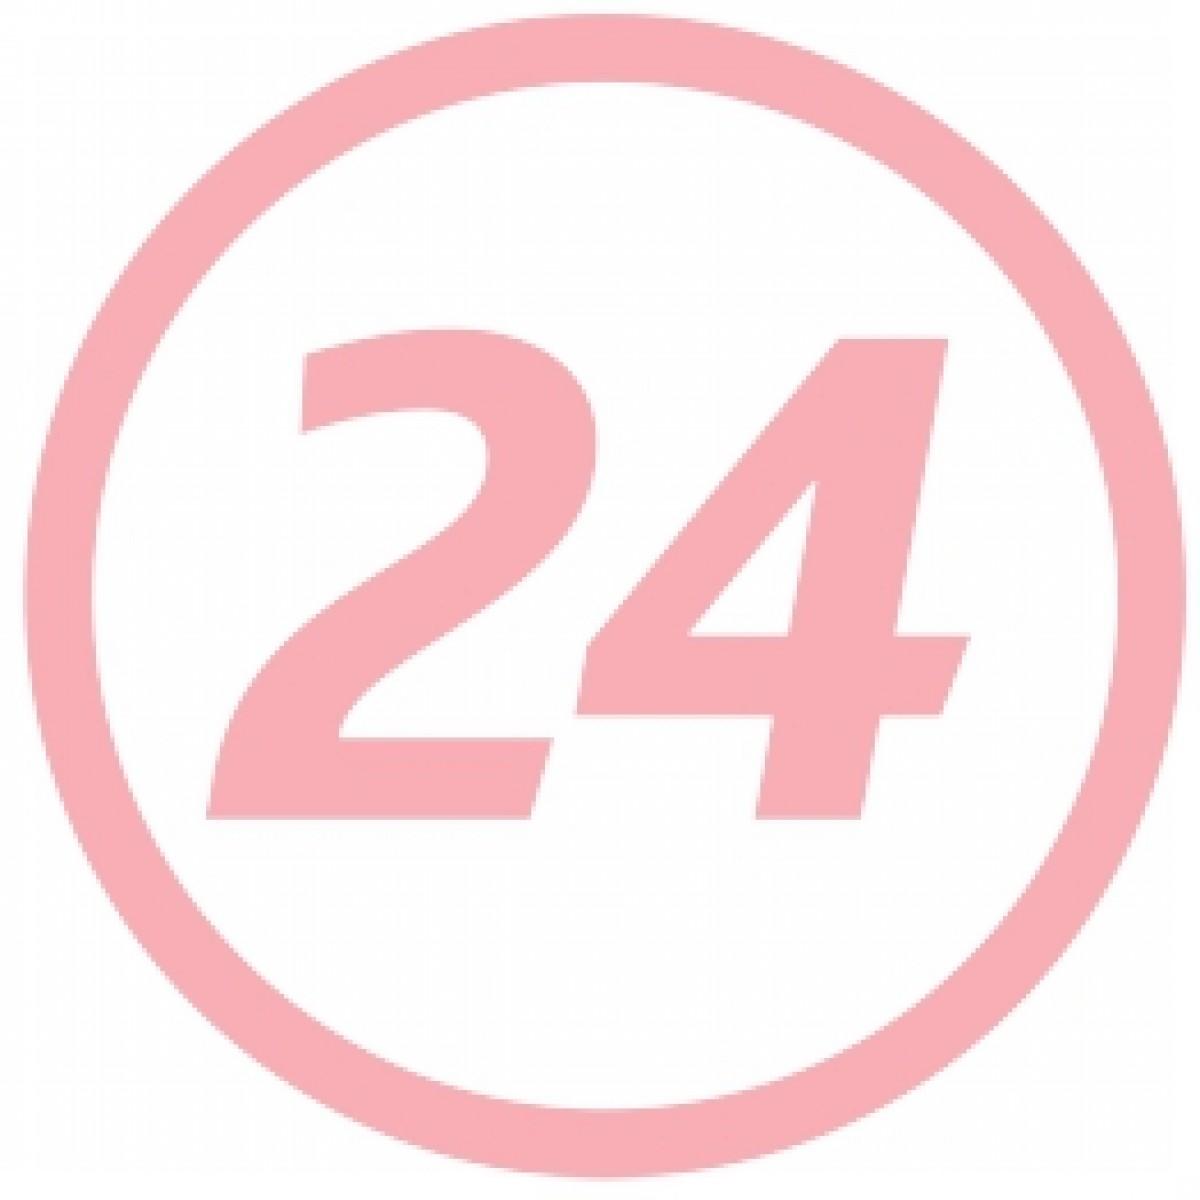 Urgo Coricide Plasturi Antibataturi, Plasturi, 12buc